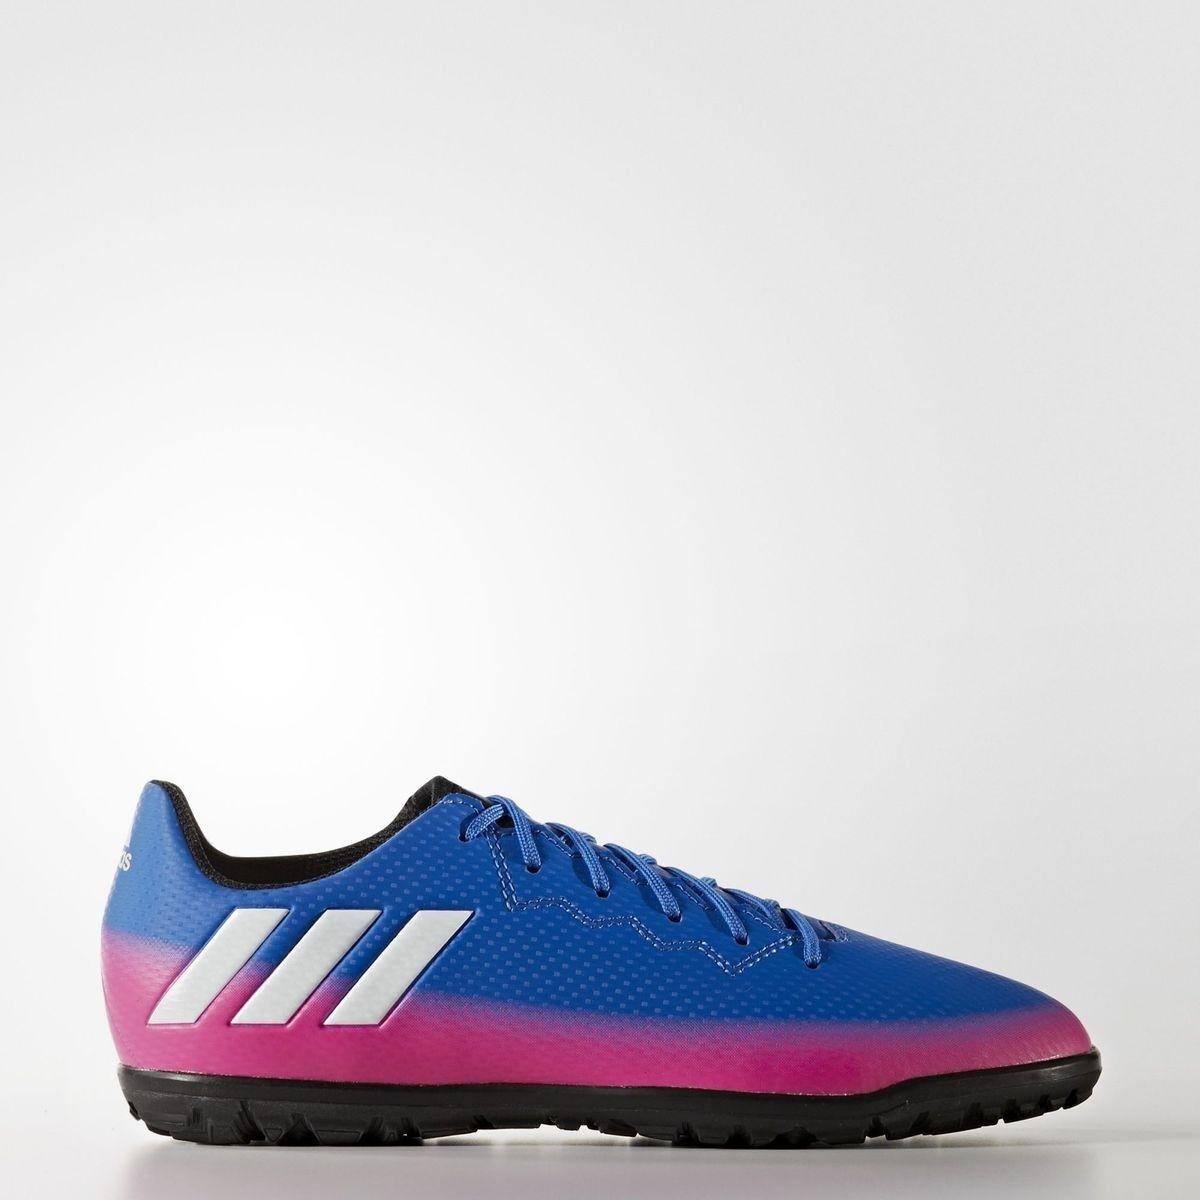 chaussure adidas 38 garçon